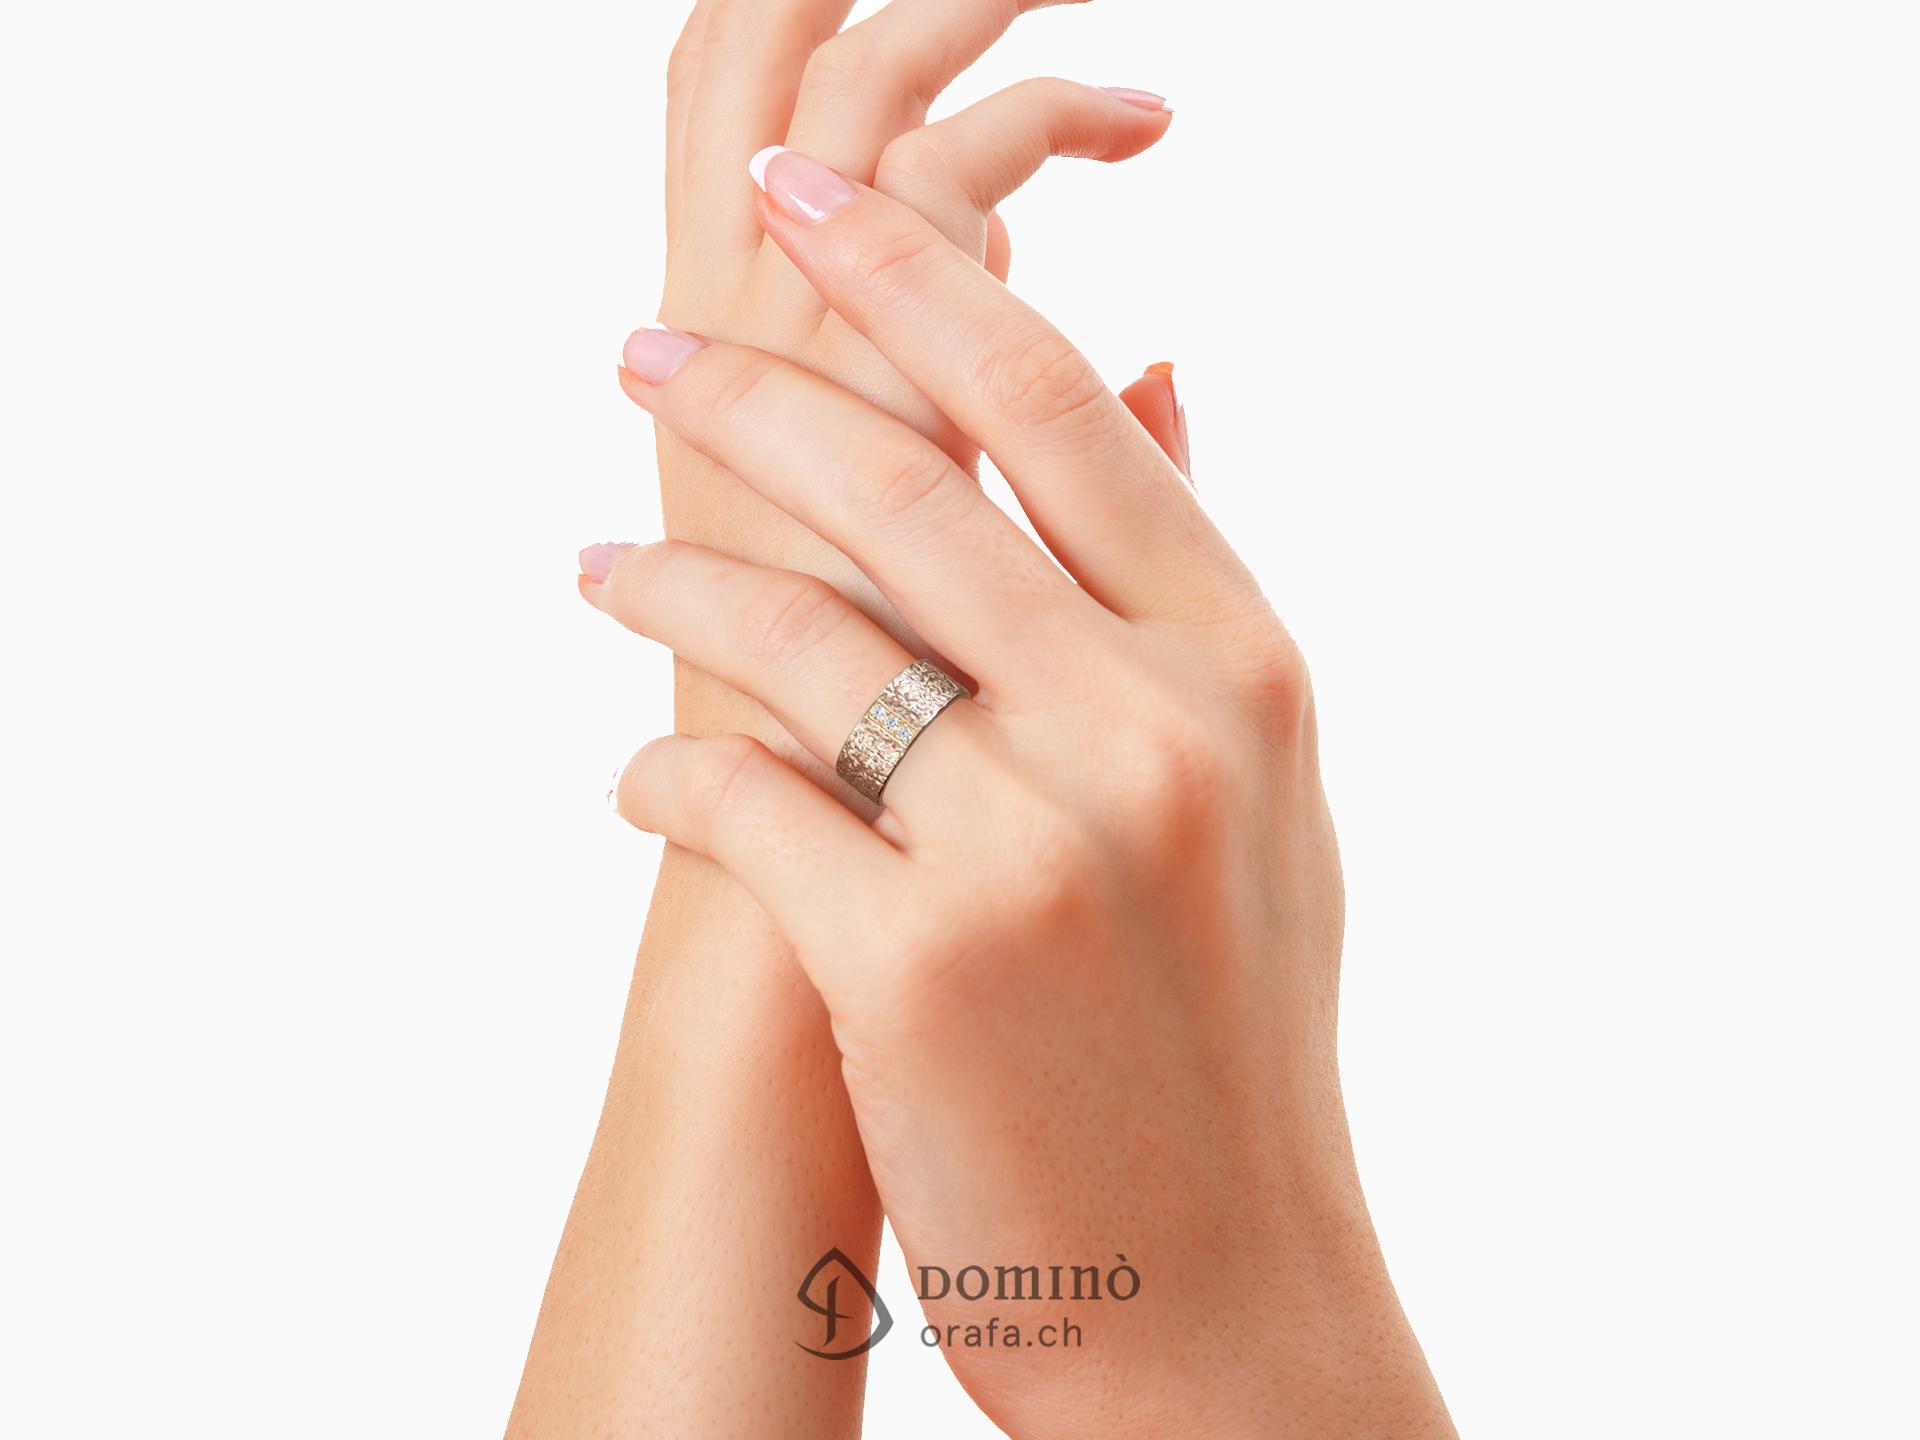 anello-corteccia-3-diamanti-pave-1